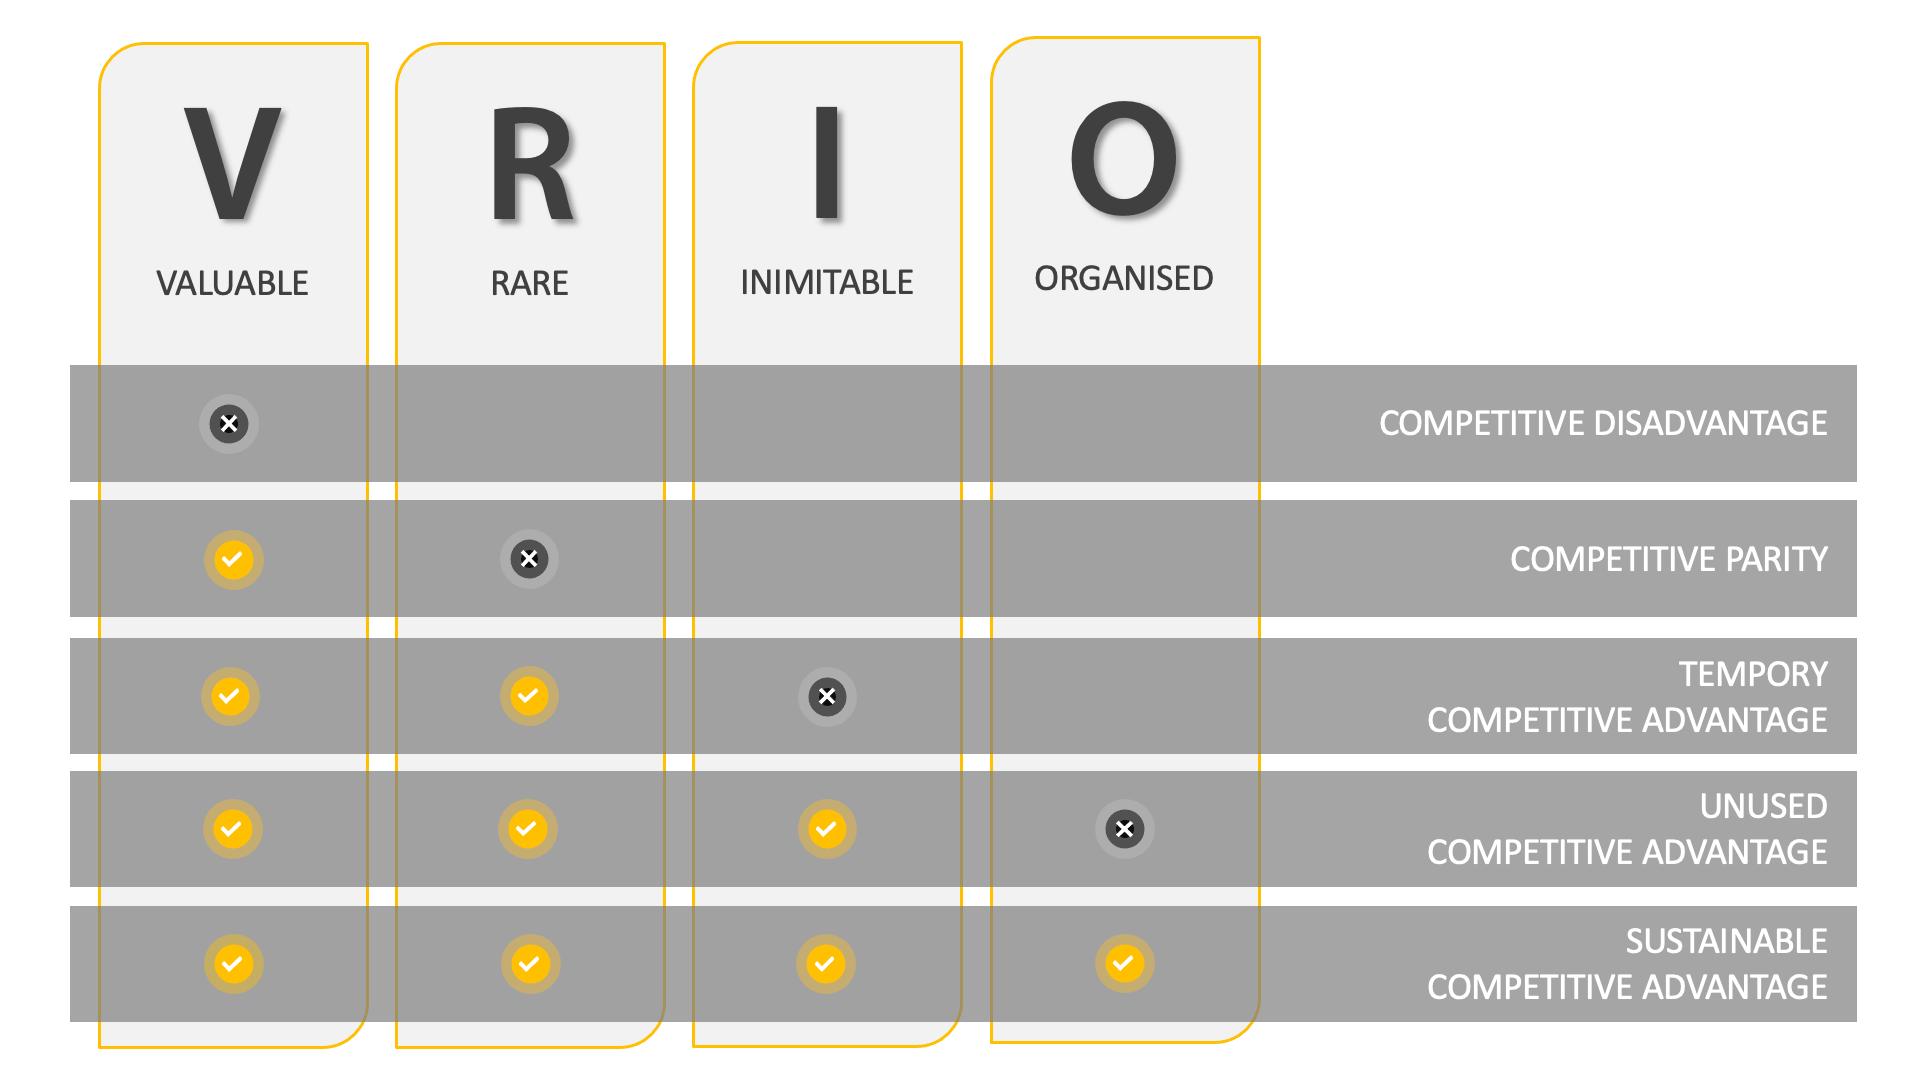 VRIO - Intrafocus